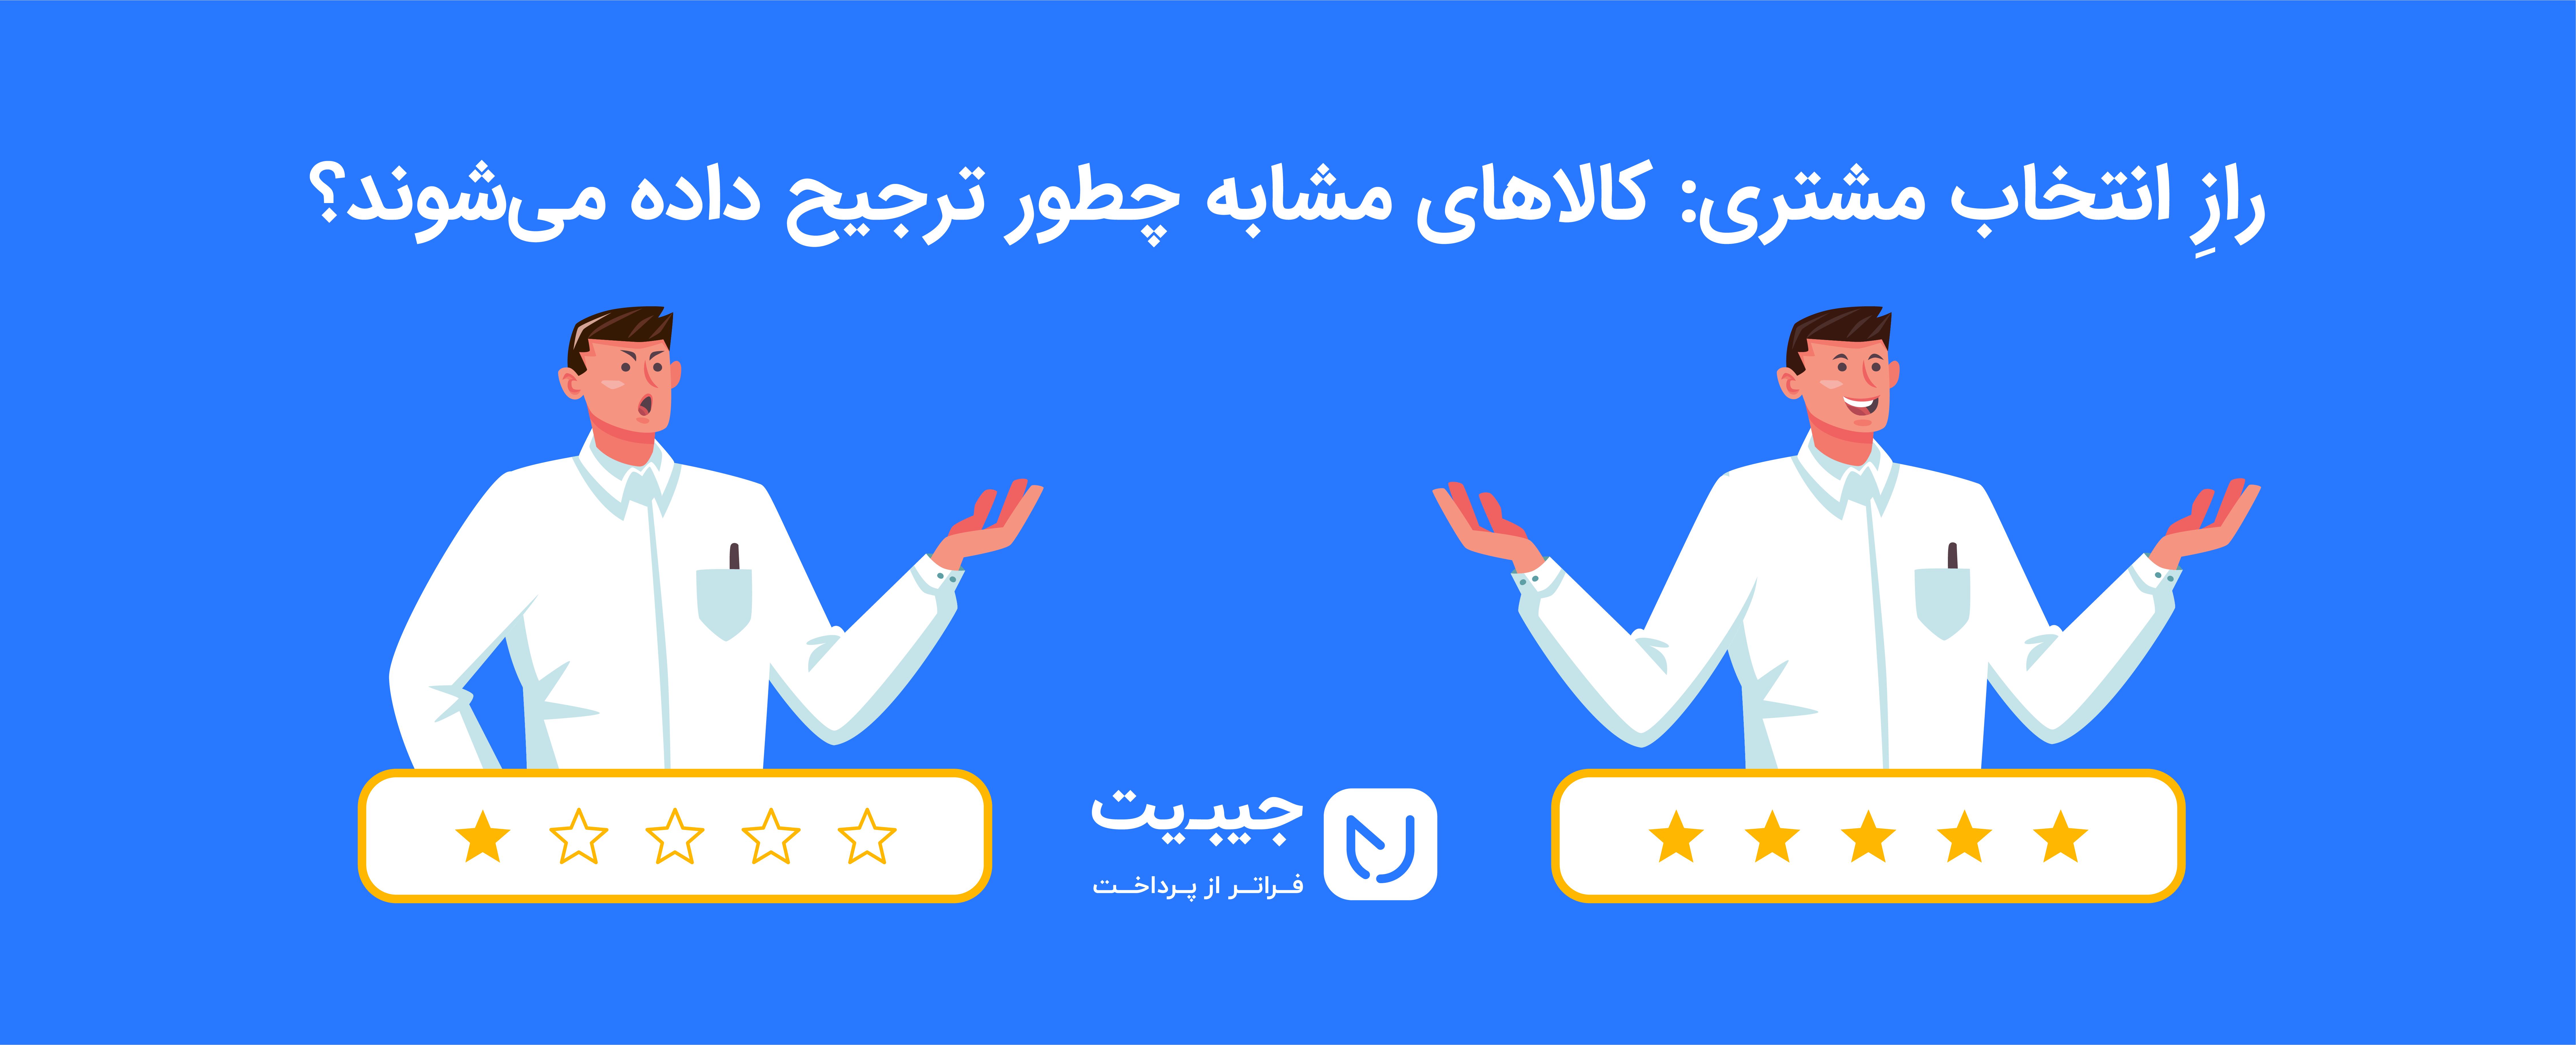 طرح از مرجان حسینی | جیبیت